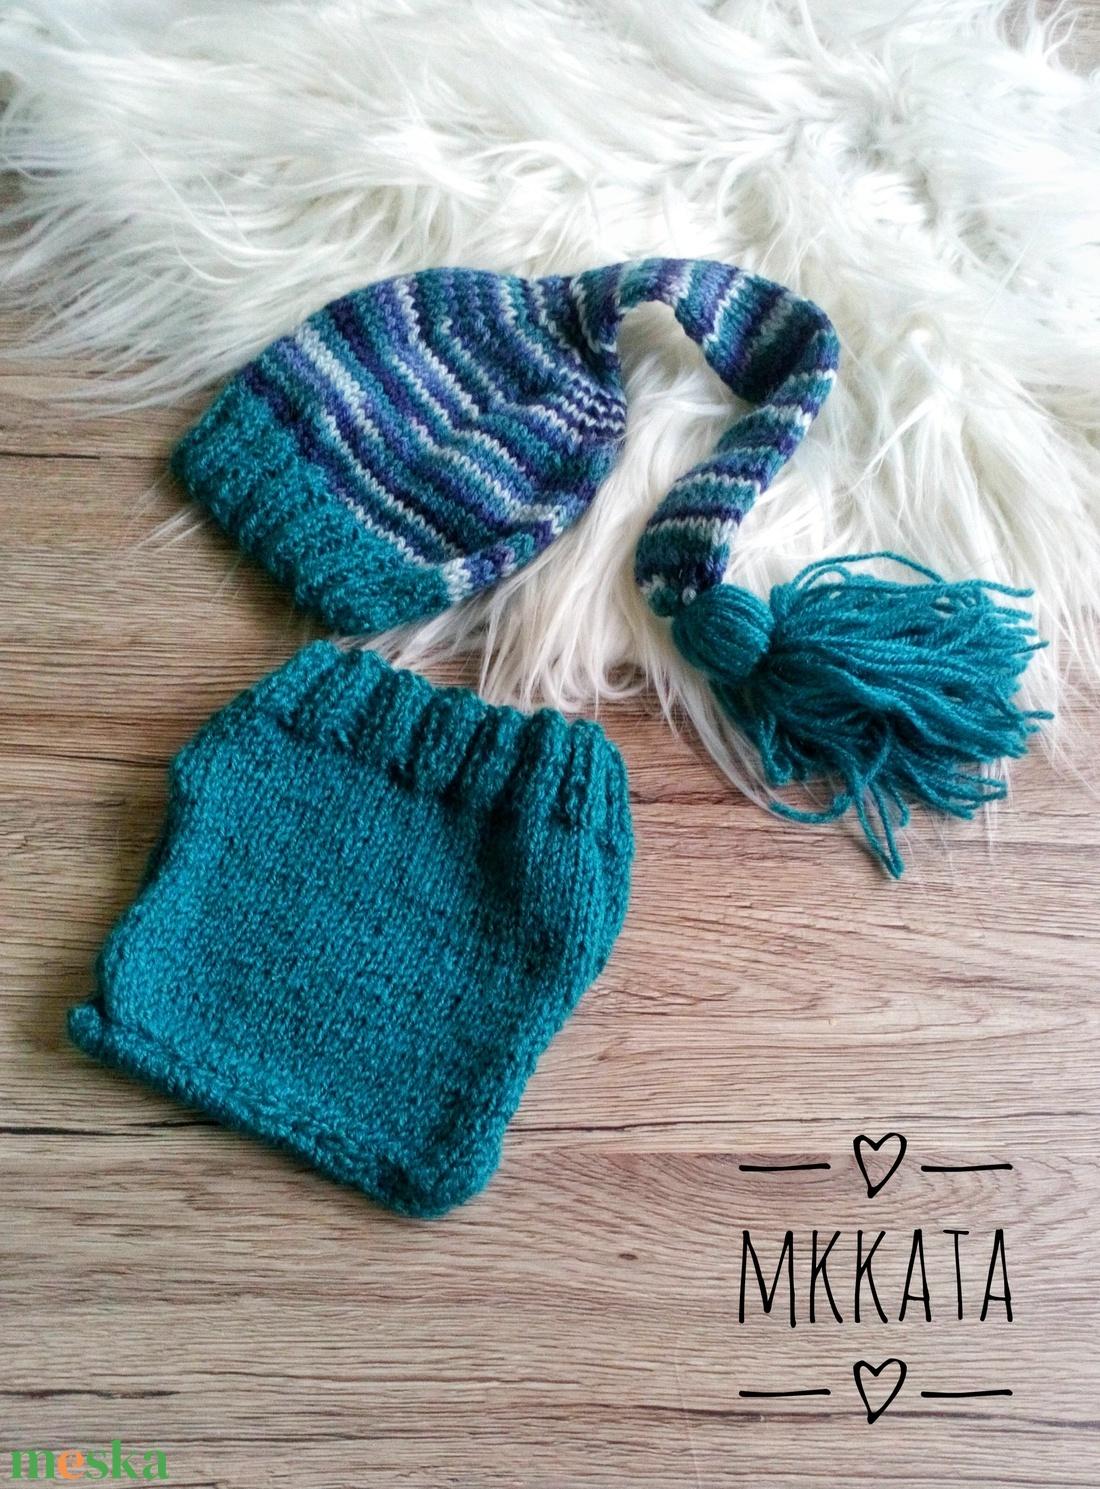 Kötött baba sapka+ nadrág szett  0-2 hónapos méret  - ruha & divat - babaruha & gyerekruha - babafotózási ruha és kellék - Meska.hu